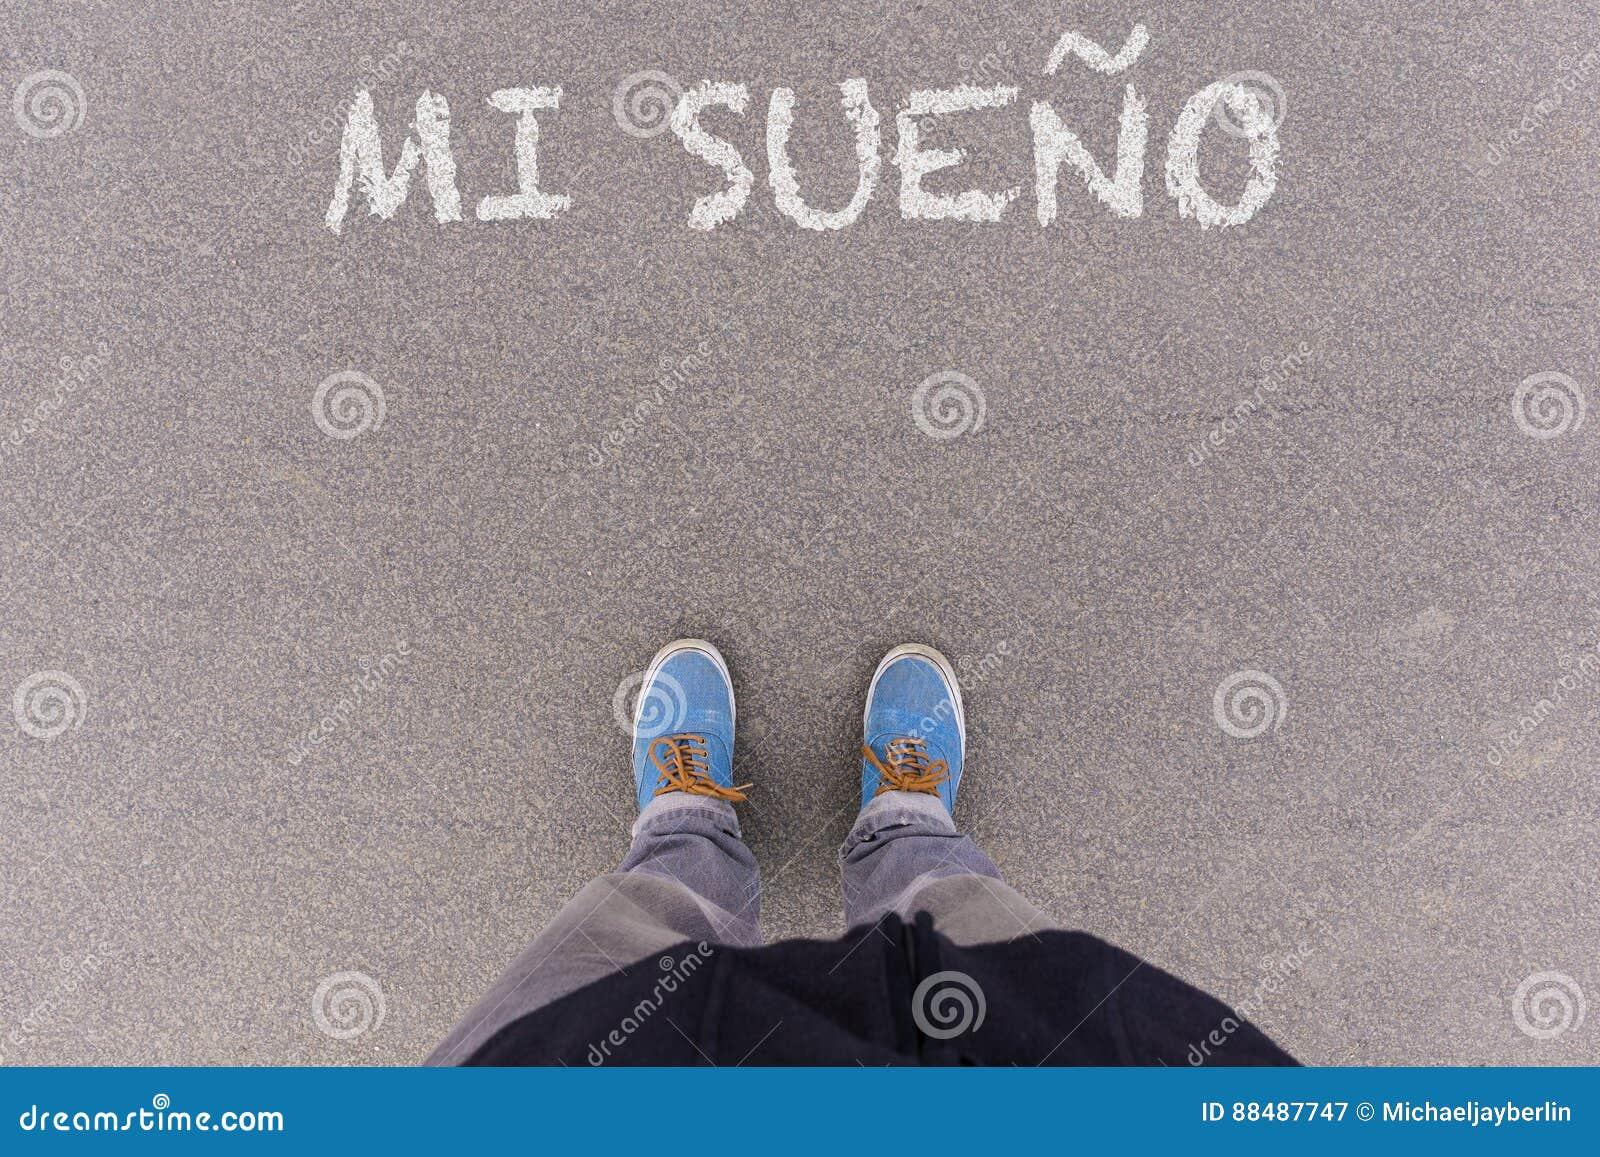 Mi sueno, Spaanse tekst voor Mijn Droomtekst op asfaltgrond, voeten